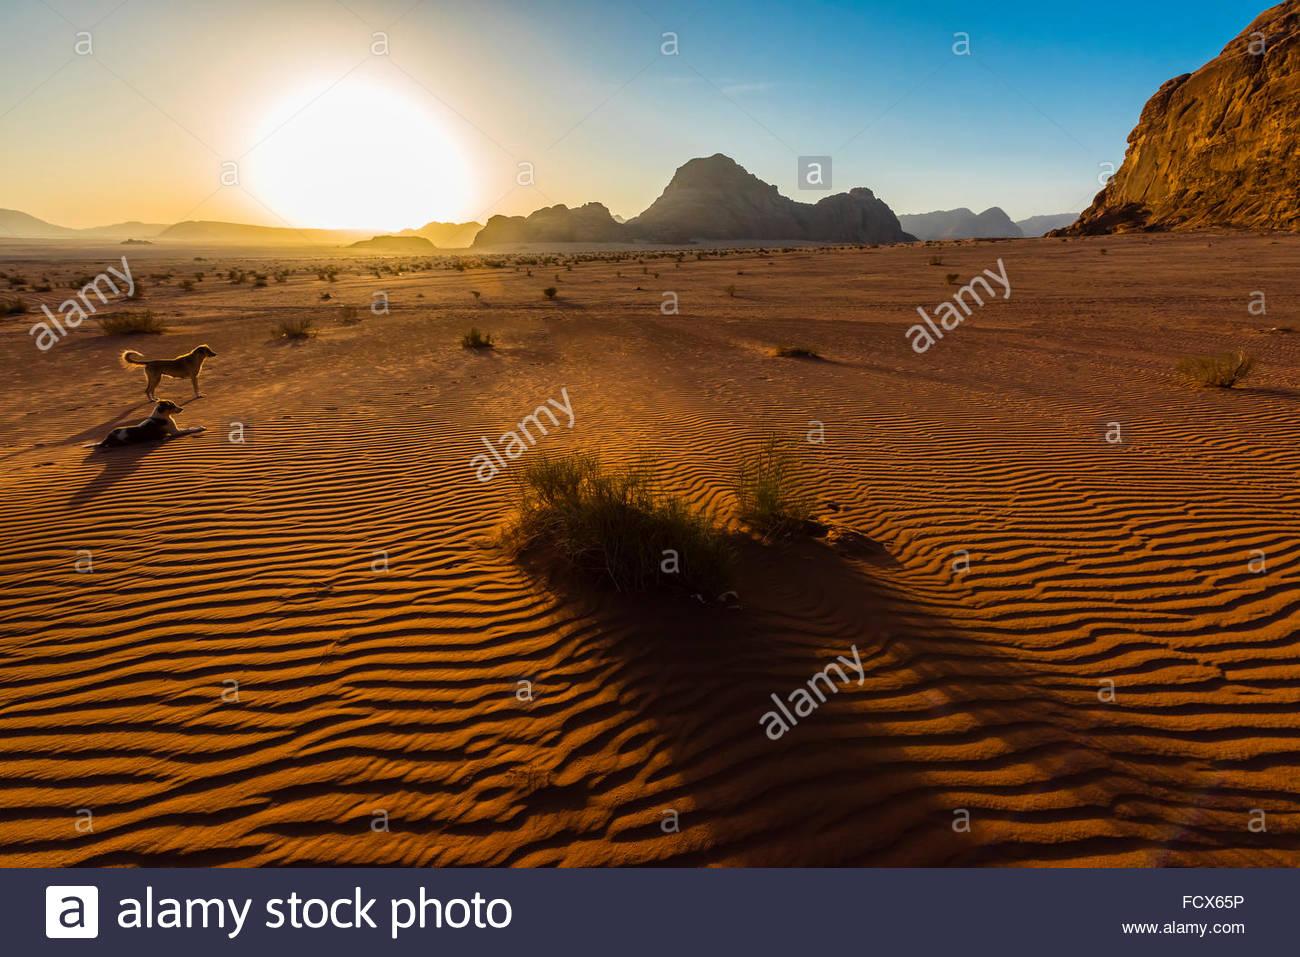 Arabian Desert, Wadi Rum, Jordan. Stock Photo